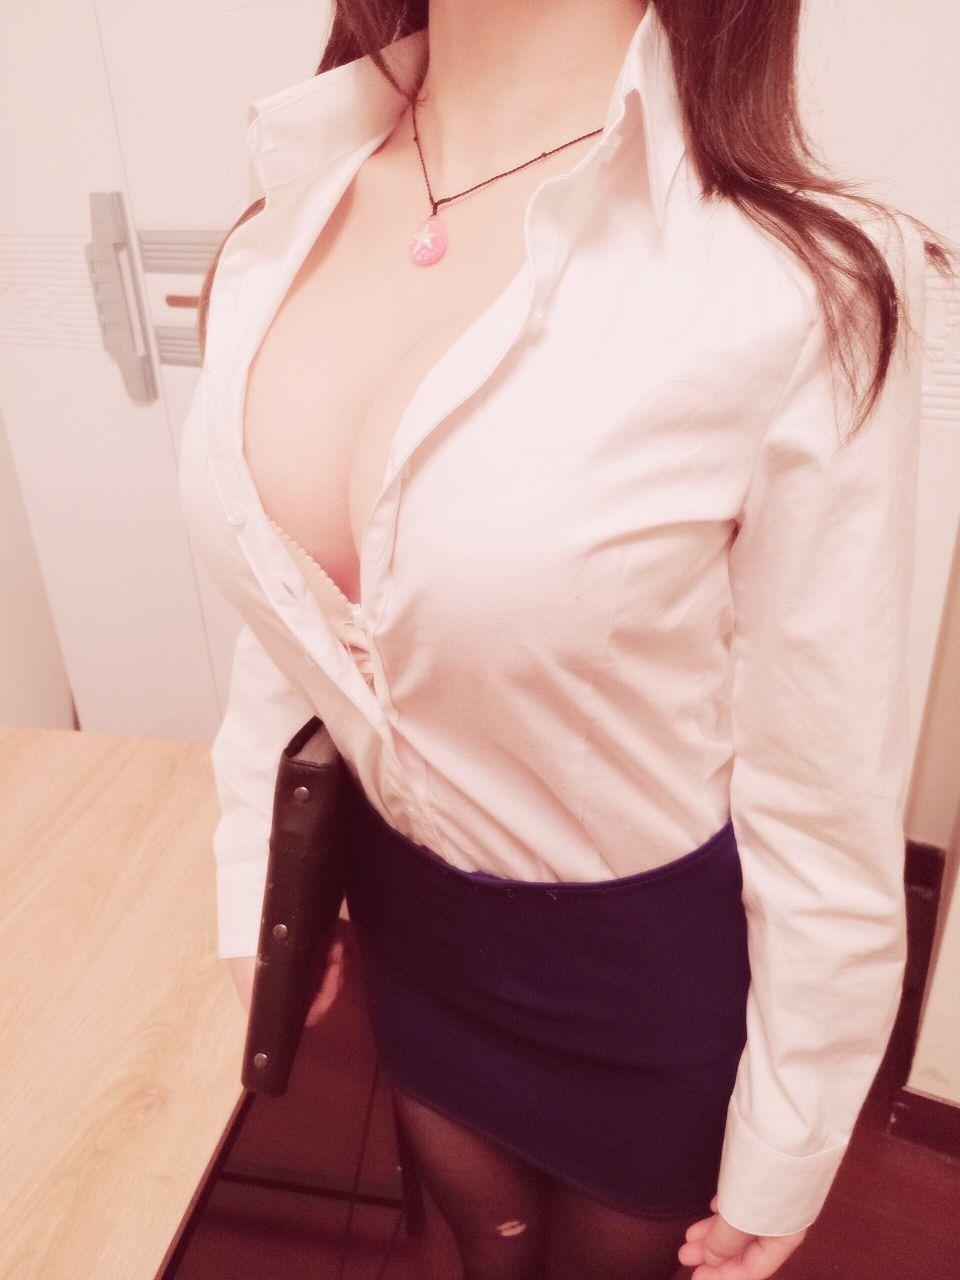 麻酥酥哟-秘书系列